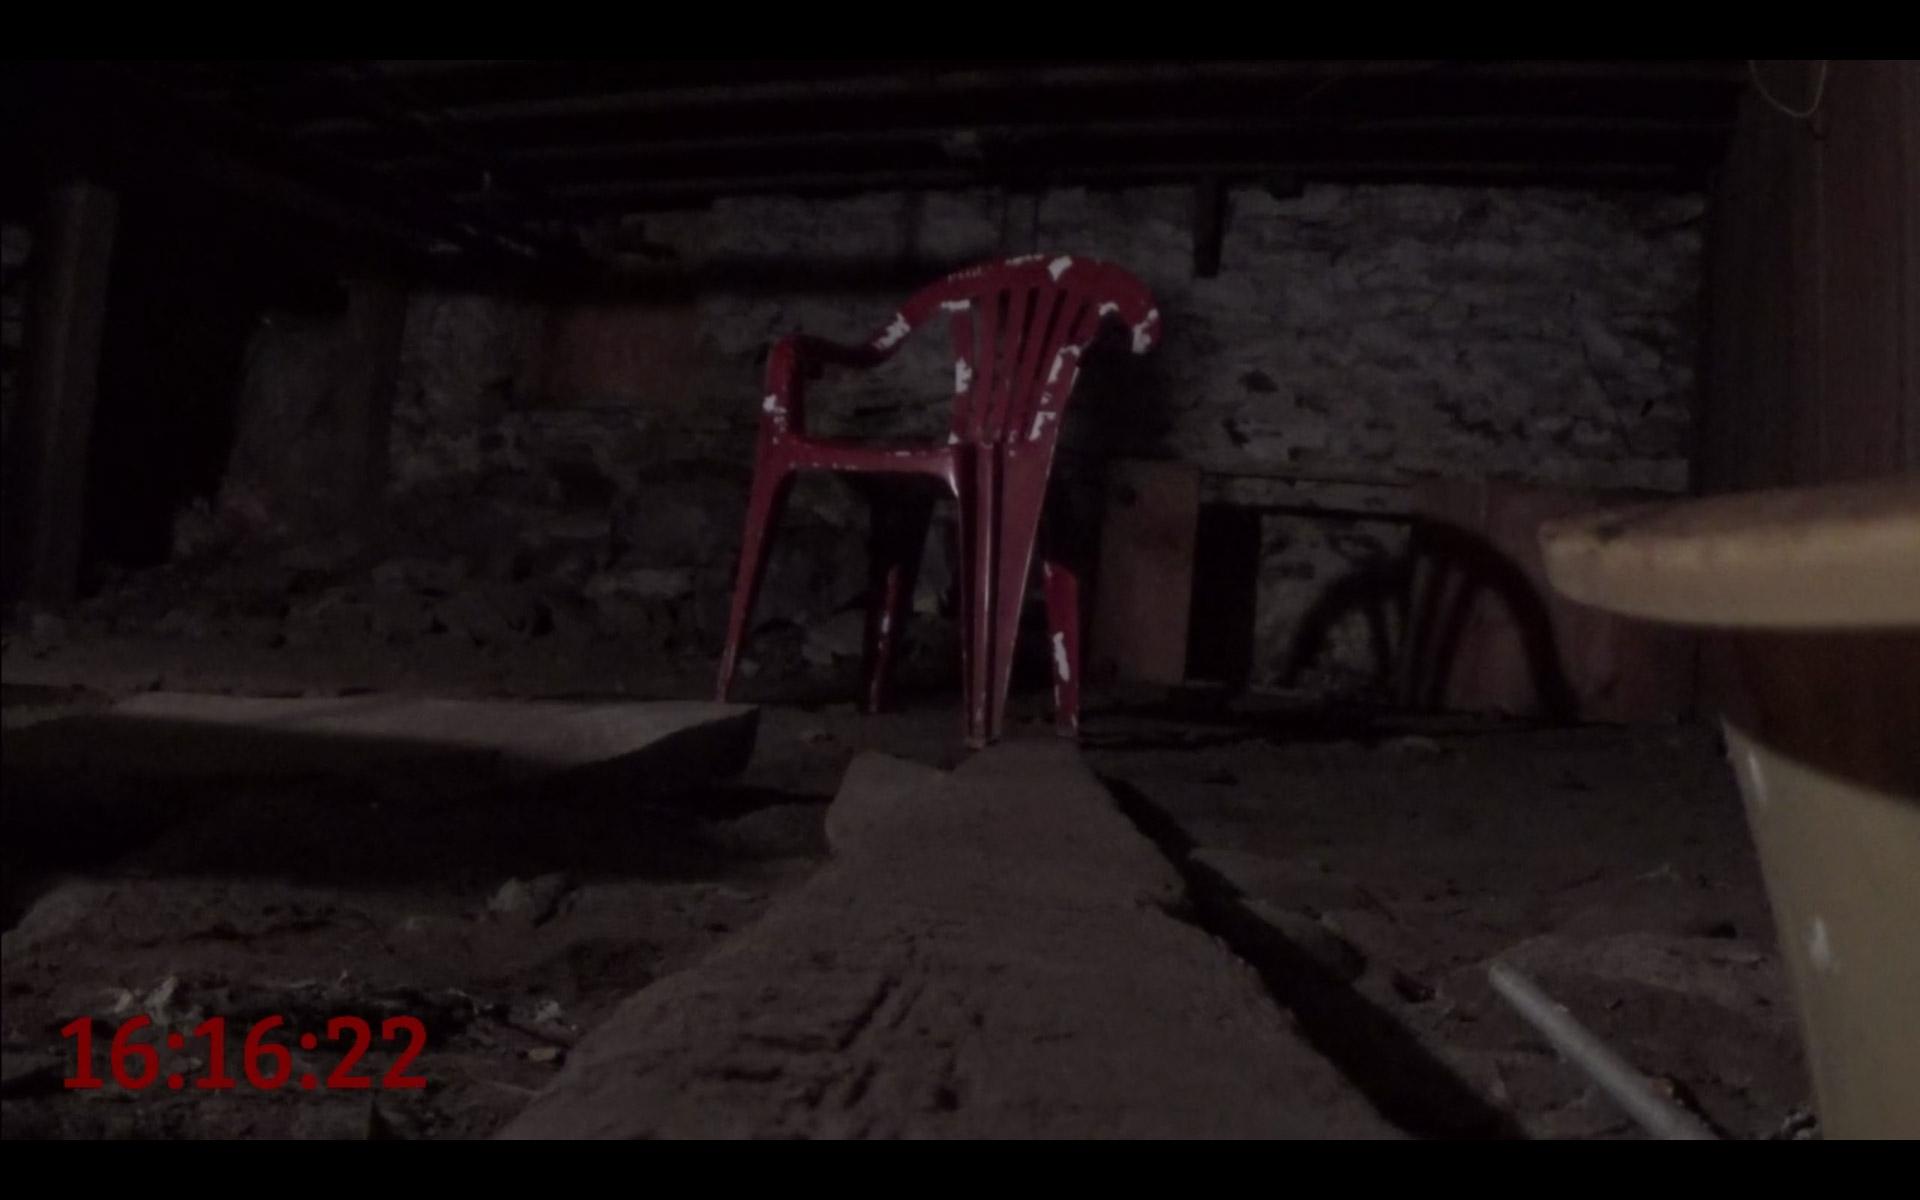 blizzard essaie de vous faire peur avec une chaise